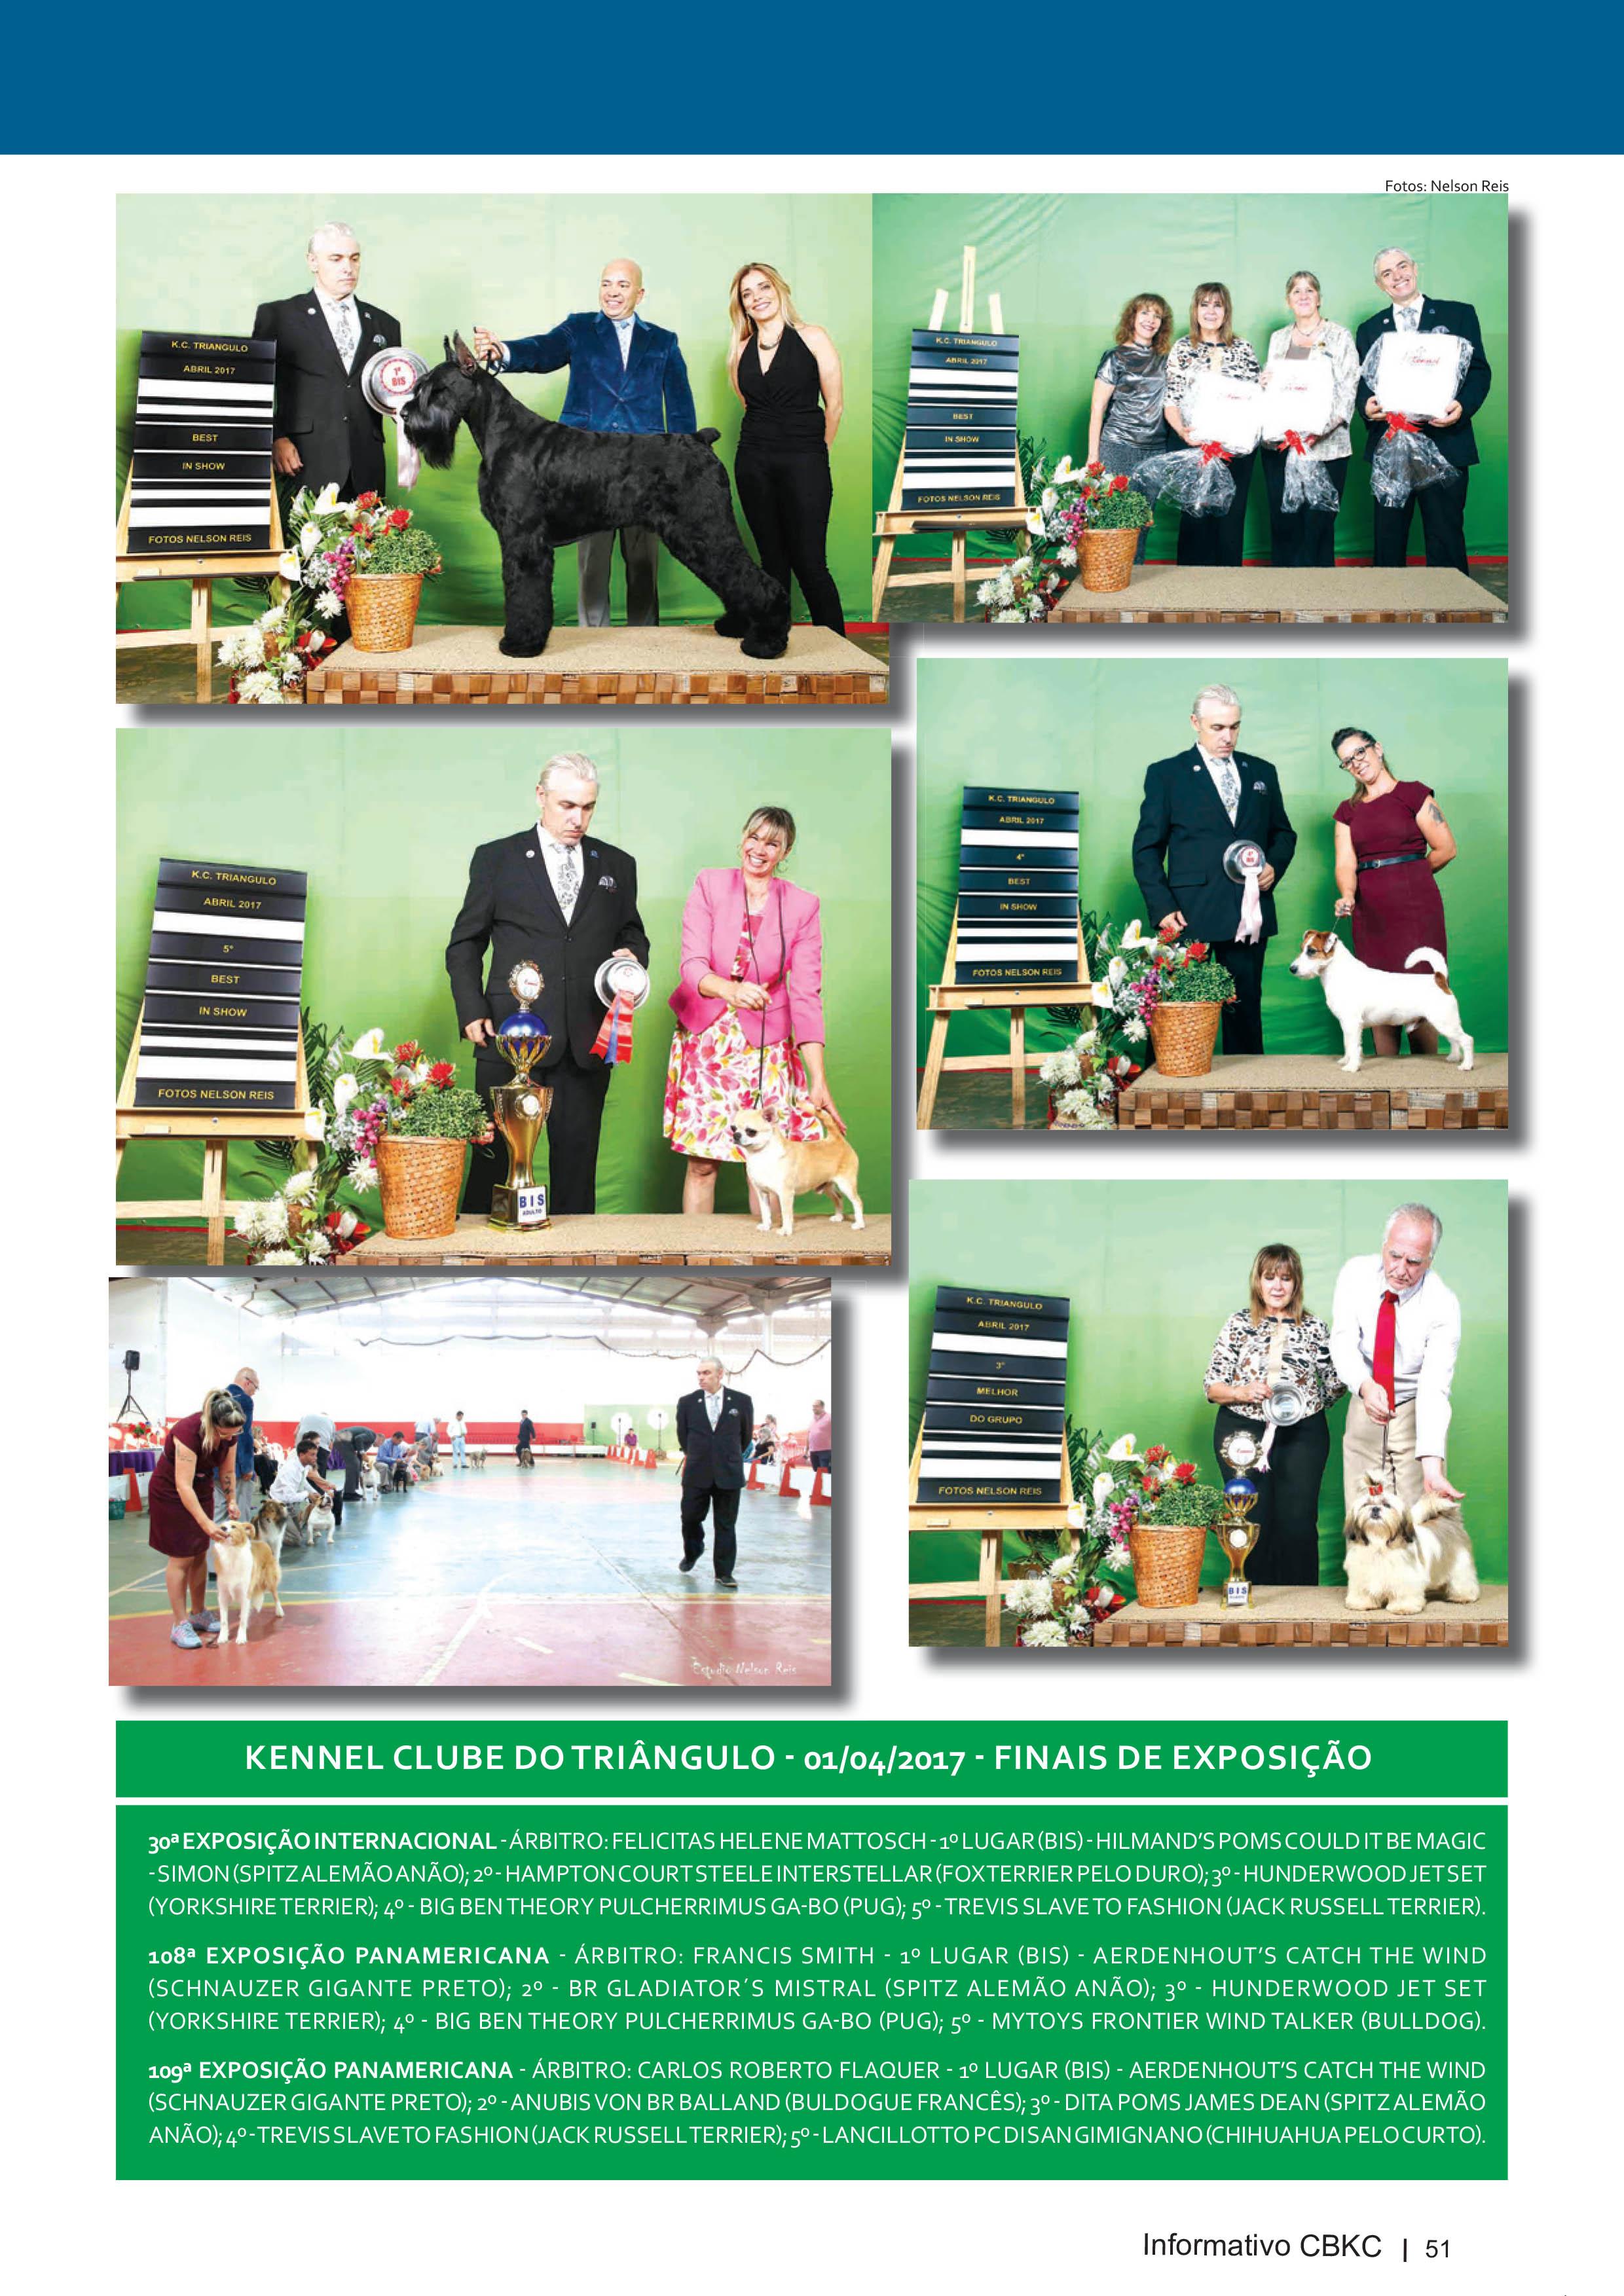 Pagina 51| Edição 54 do Informativo CBKC